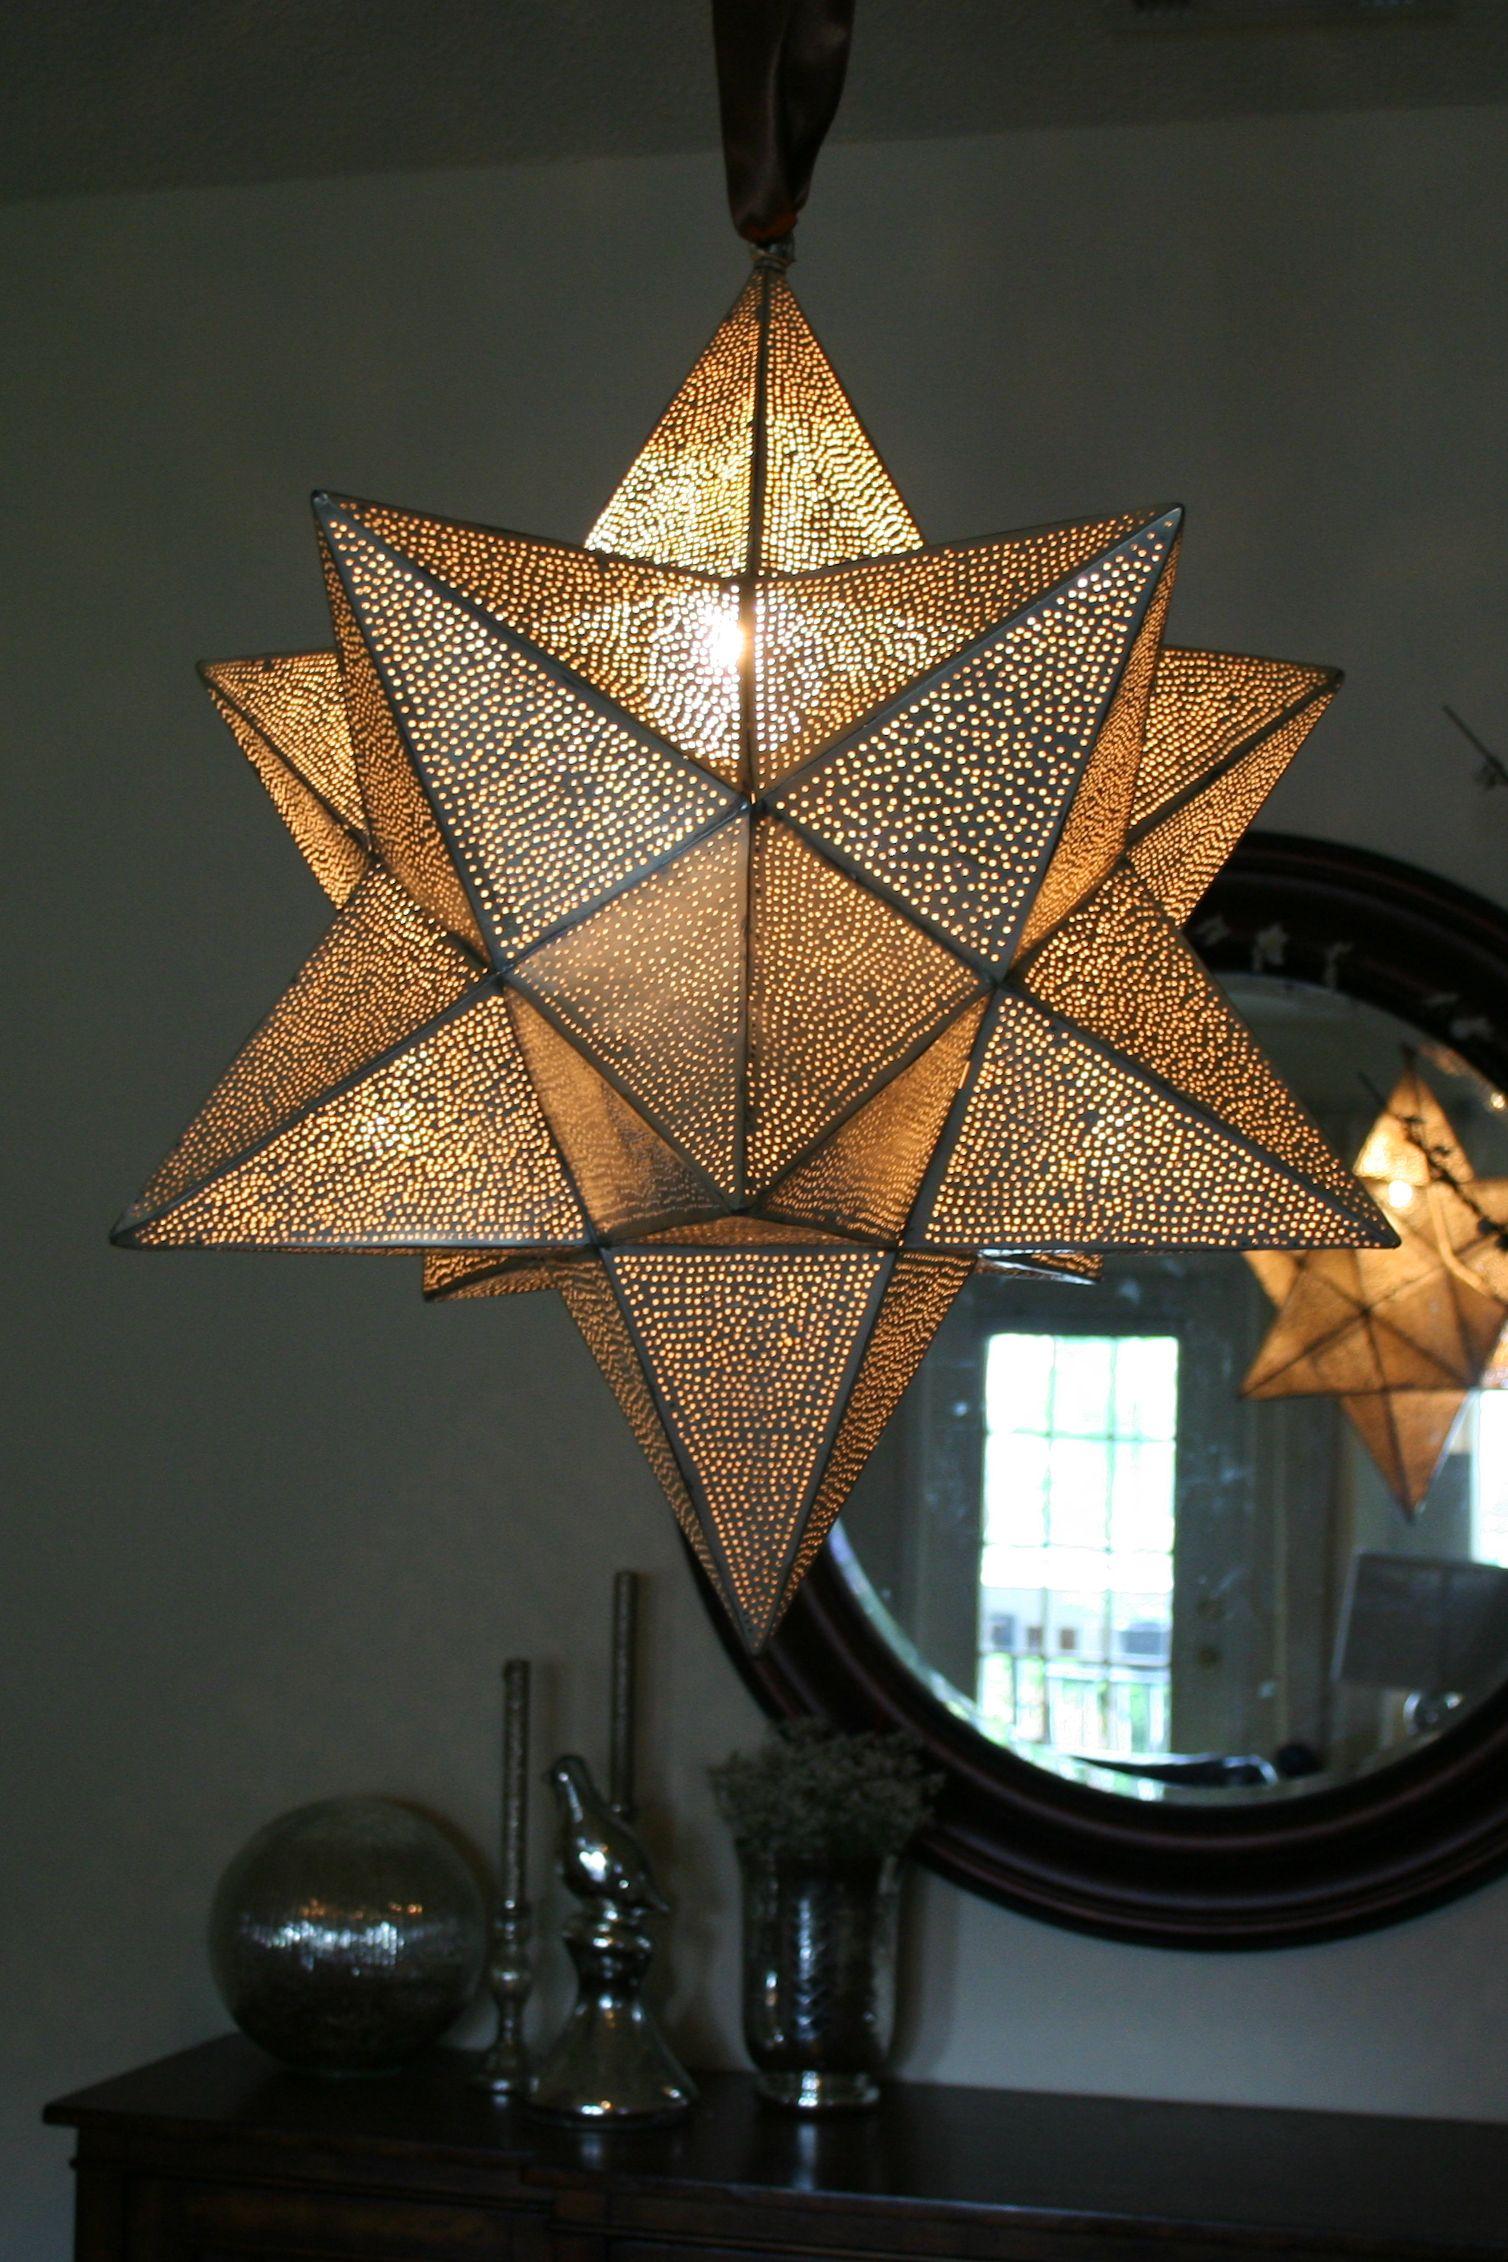 My Moravian Star Chandelier Pendant Handmade In Northern Egypt And Gorgeous Weihnachten Laternen Beleuchten Weihnachtsstern